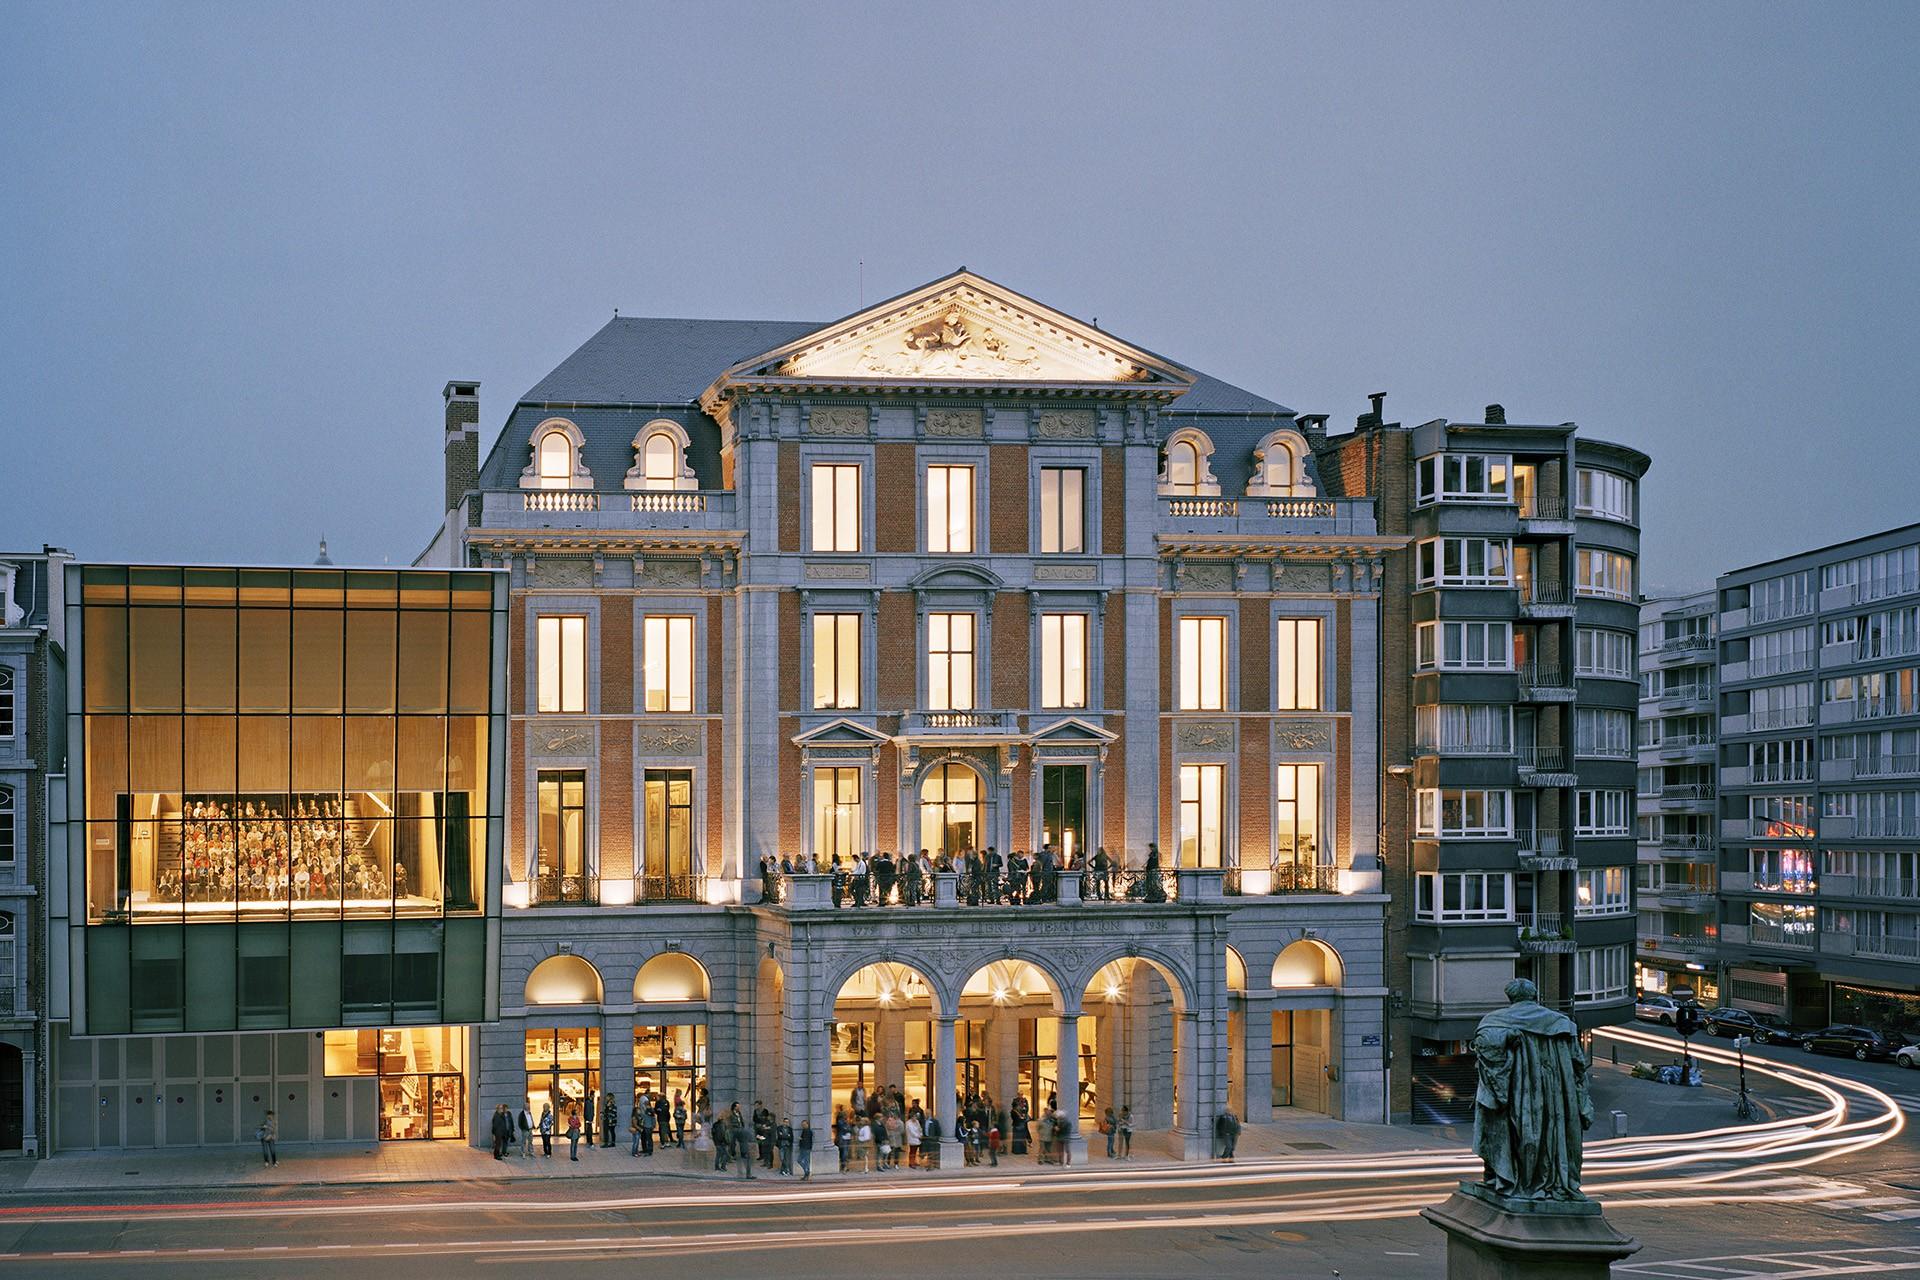 Théâtre de Liège - Façade